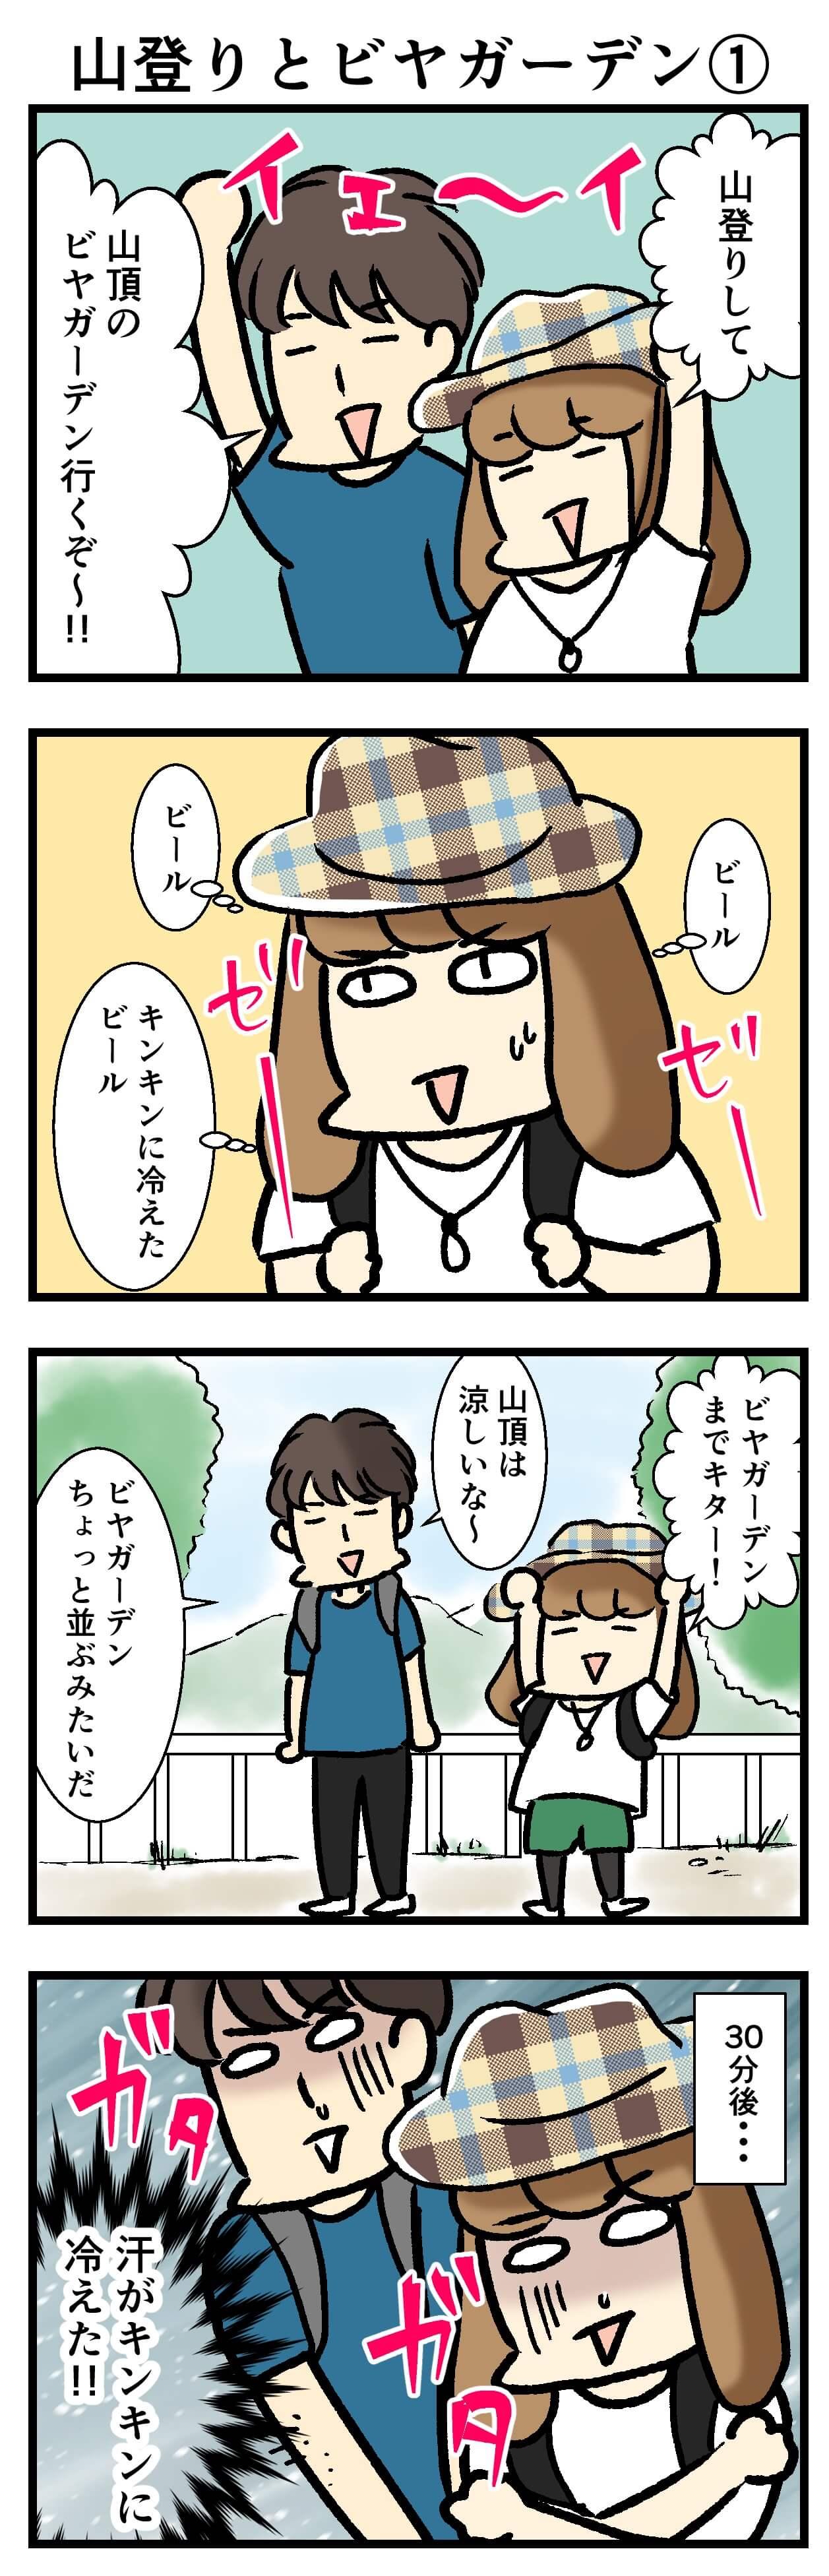 【エッセイ漫画】アラサー主婦くま子のふがいない日常(127)